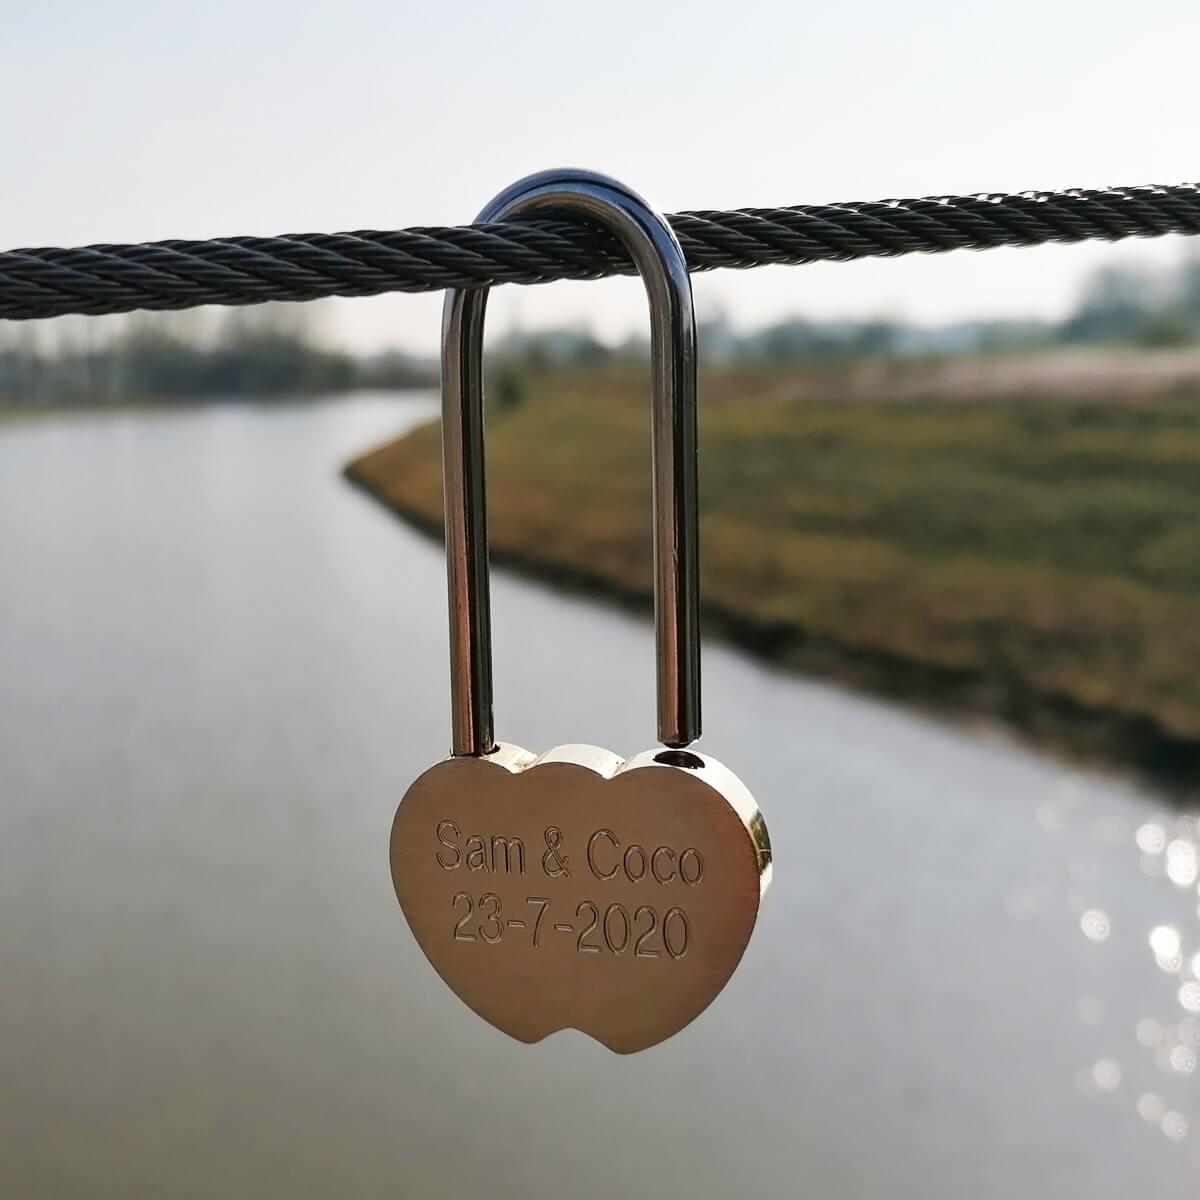 Hangslot gegeraveerd met jullie namen word een echt liefdes slotje